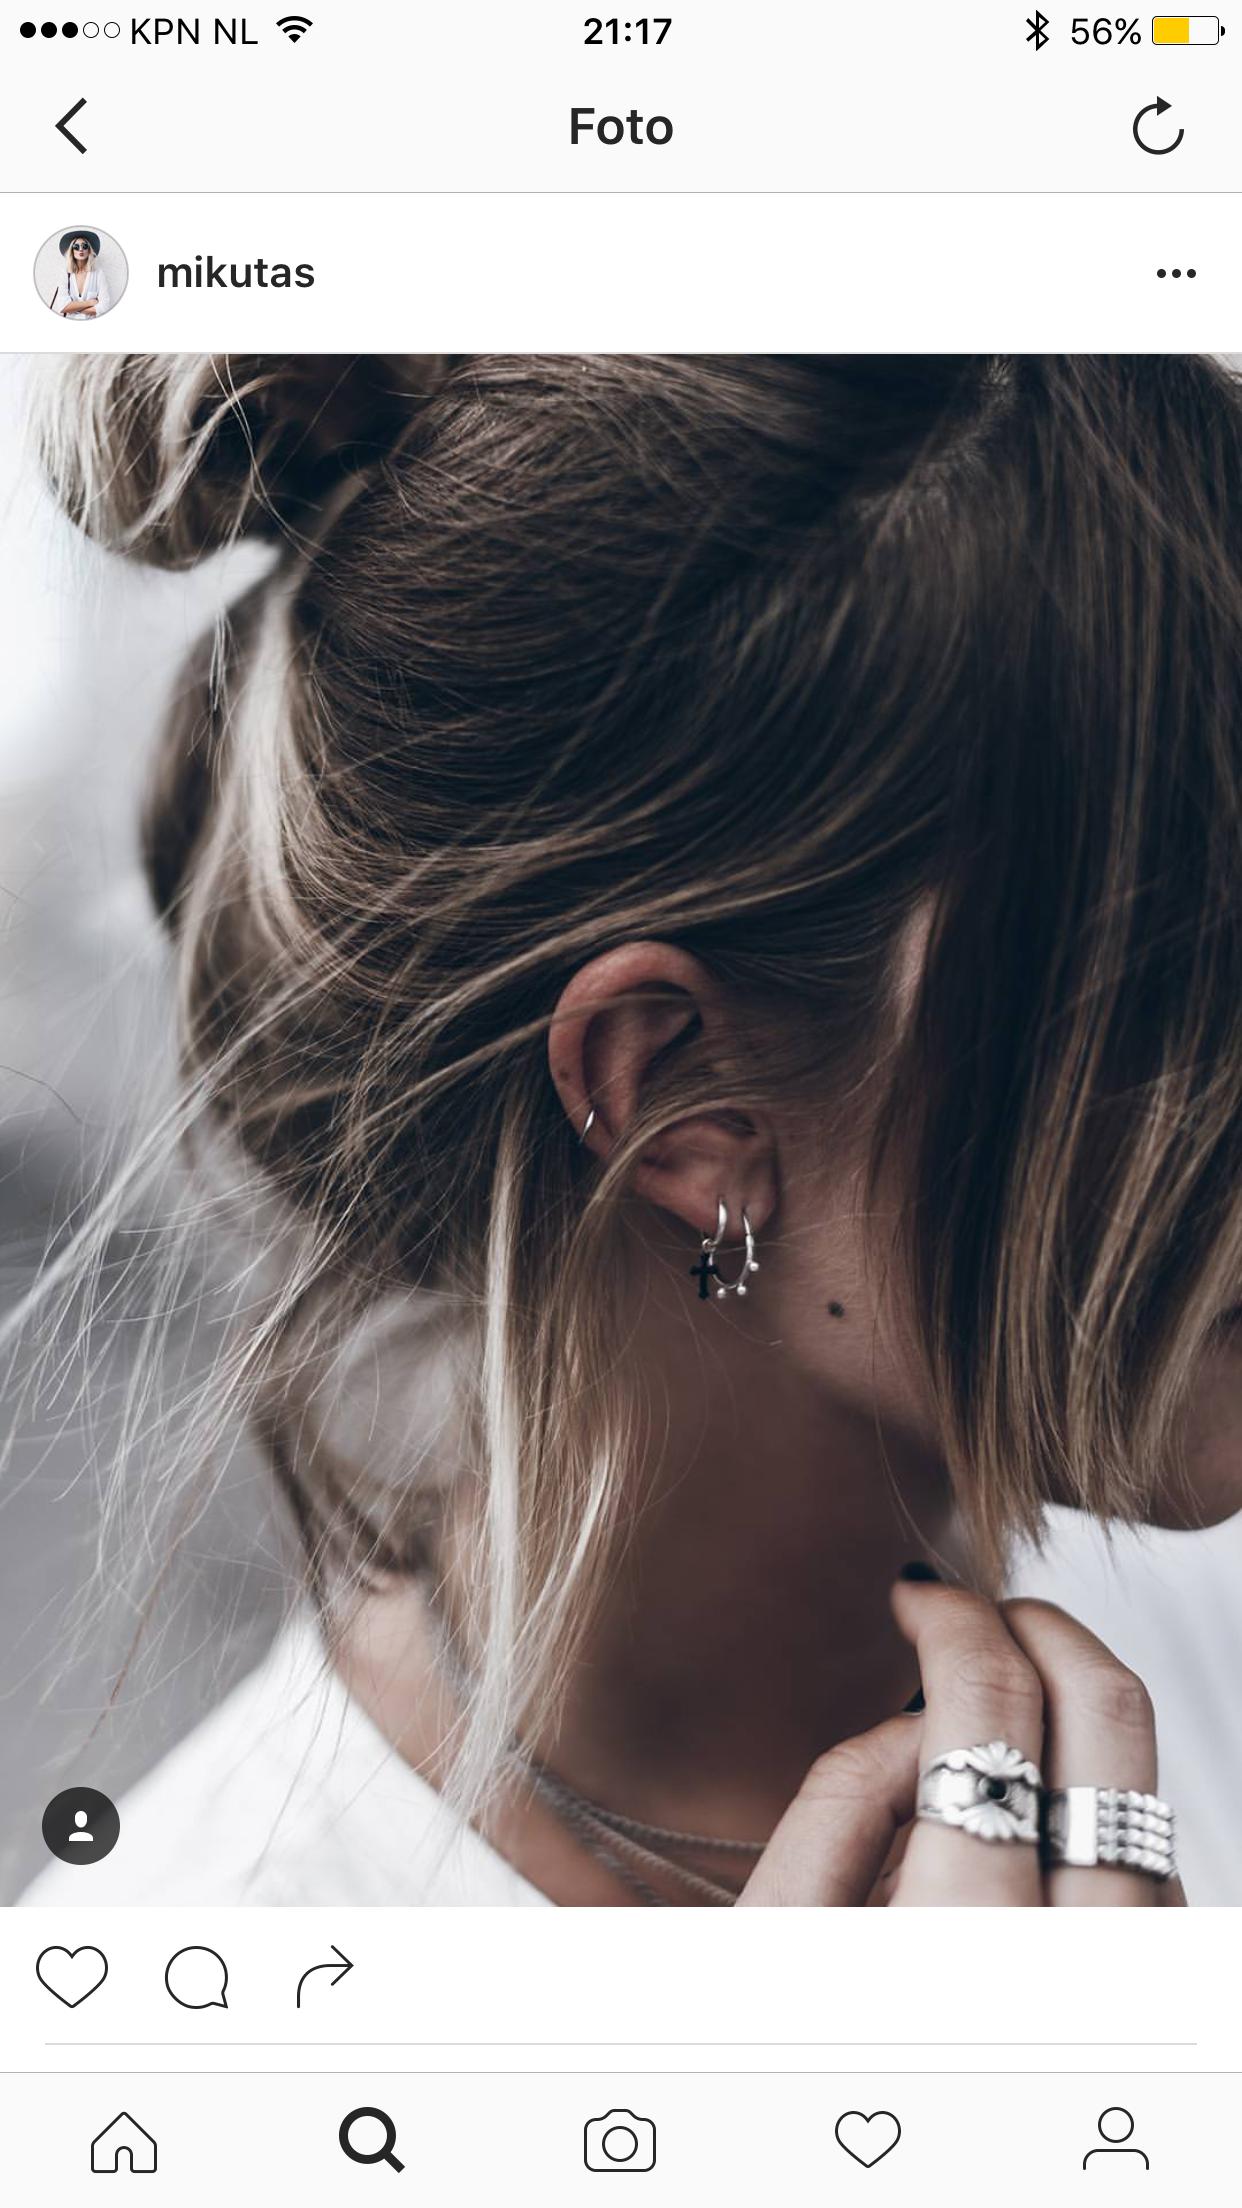 Cute nose piercing  Pin by Eva Zwertbroek on Jewelry  Pinterest  Ear piercings